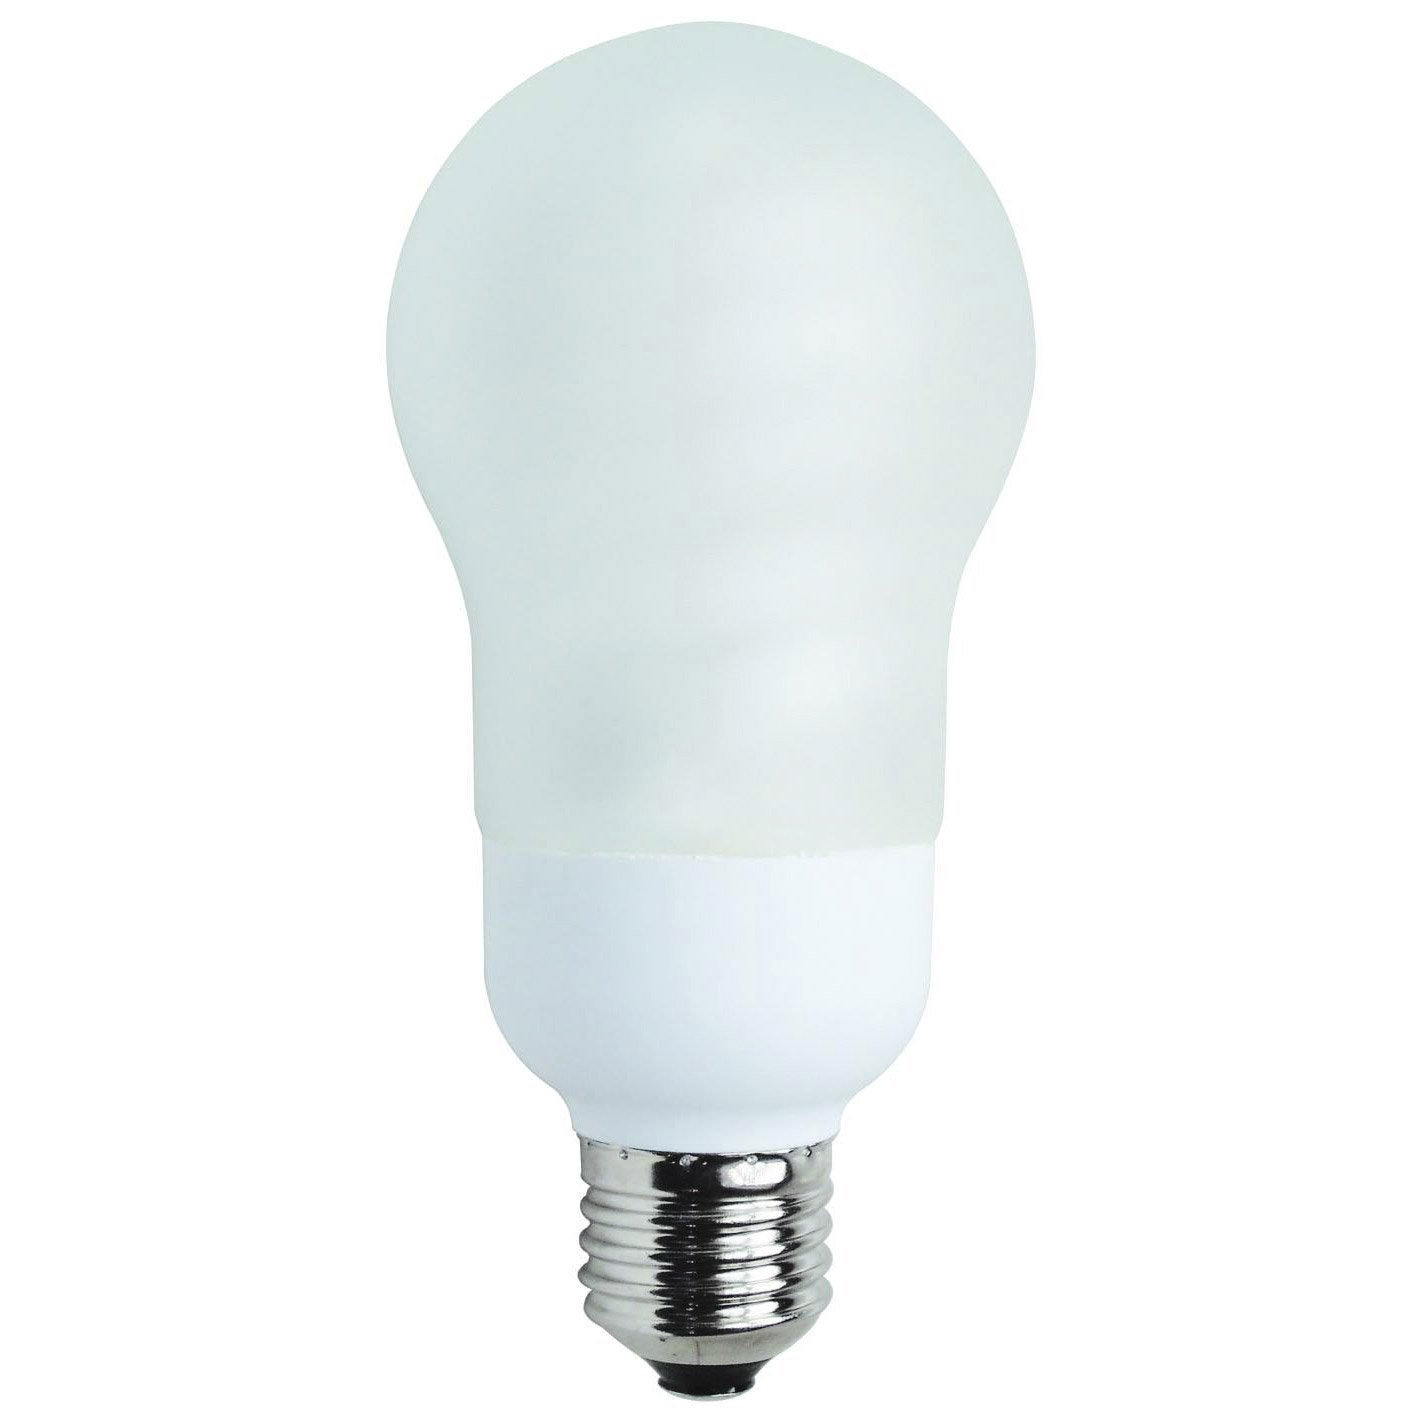 Ampoule standard conomie d 39 nergie 23w lexman e27 - Ampoule lumiere noire leroy merlin ...